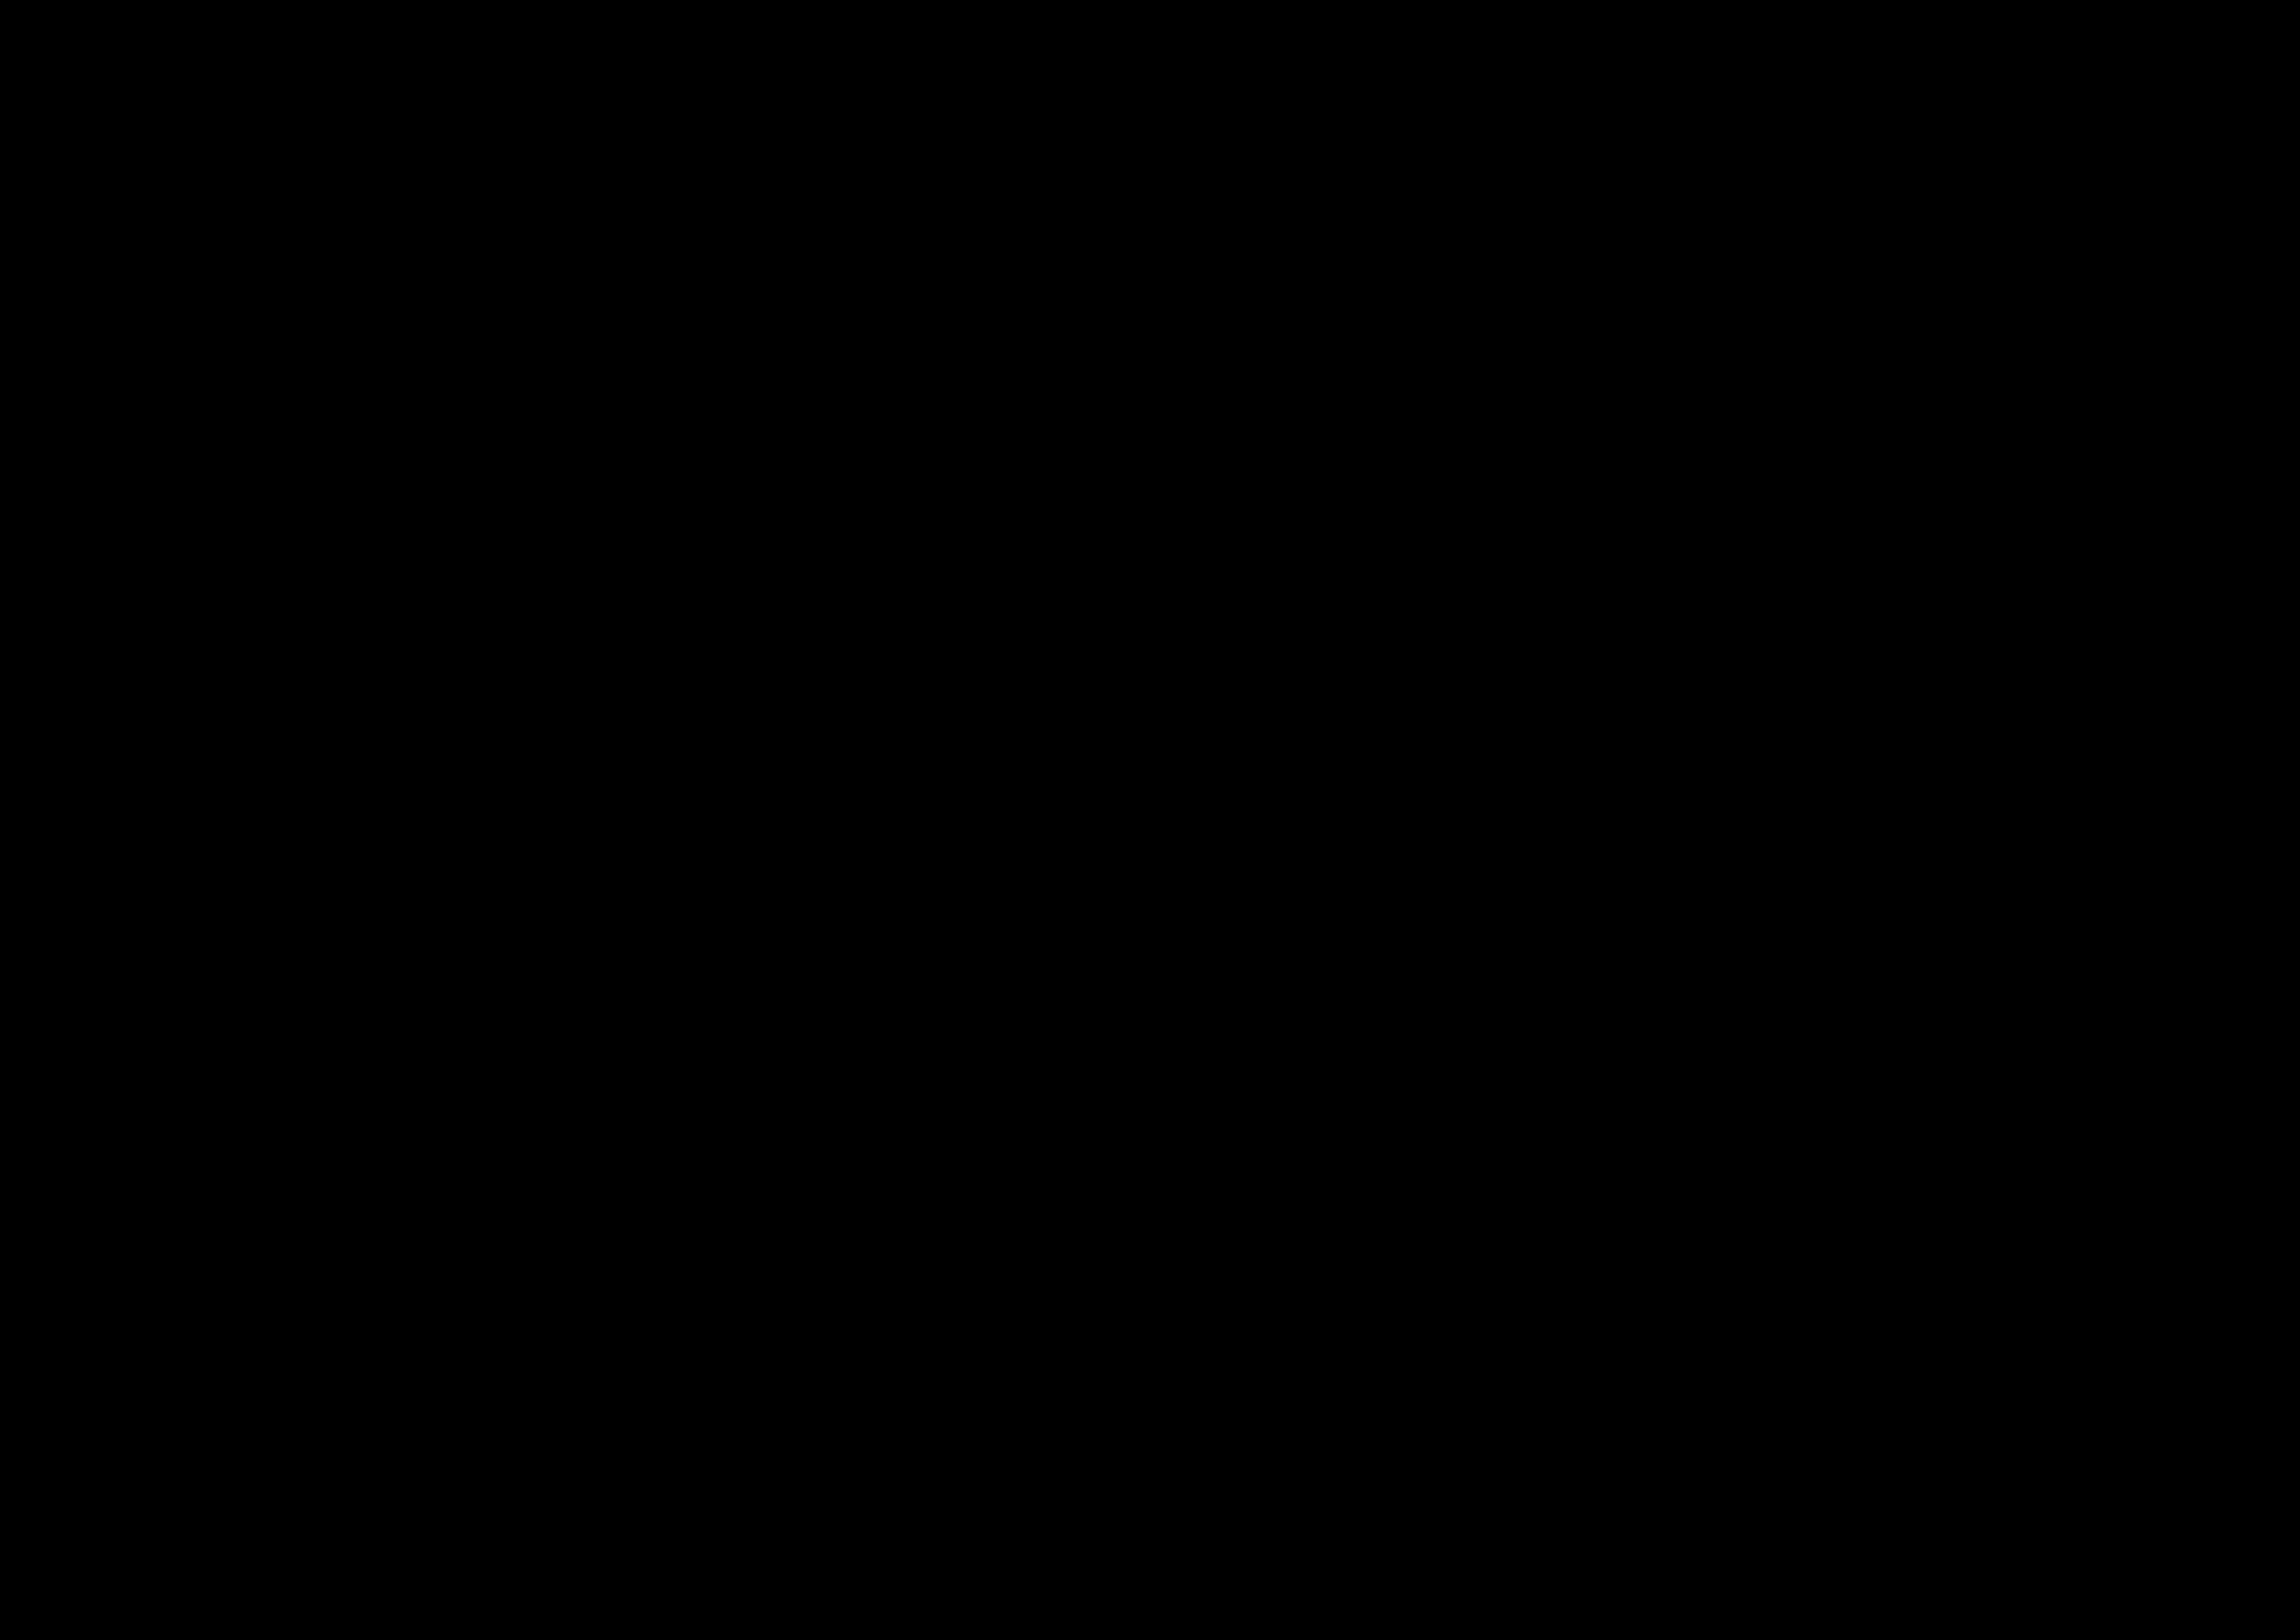 Малоэтажное жильё Внуково